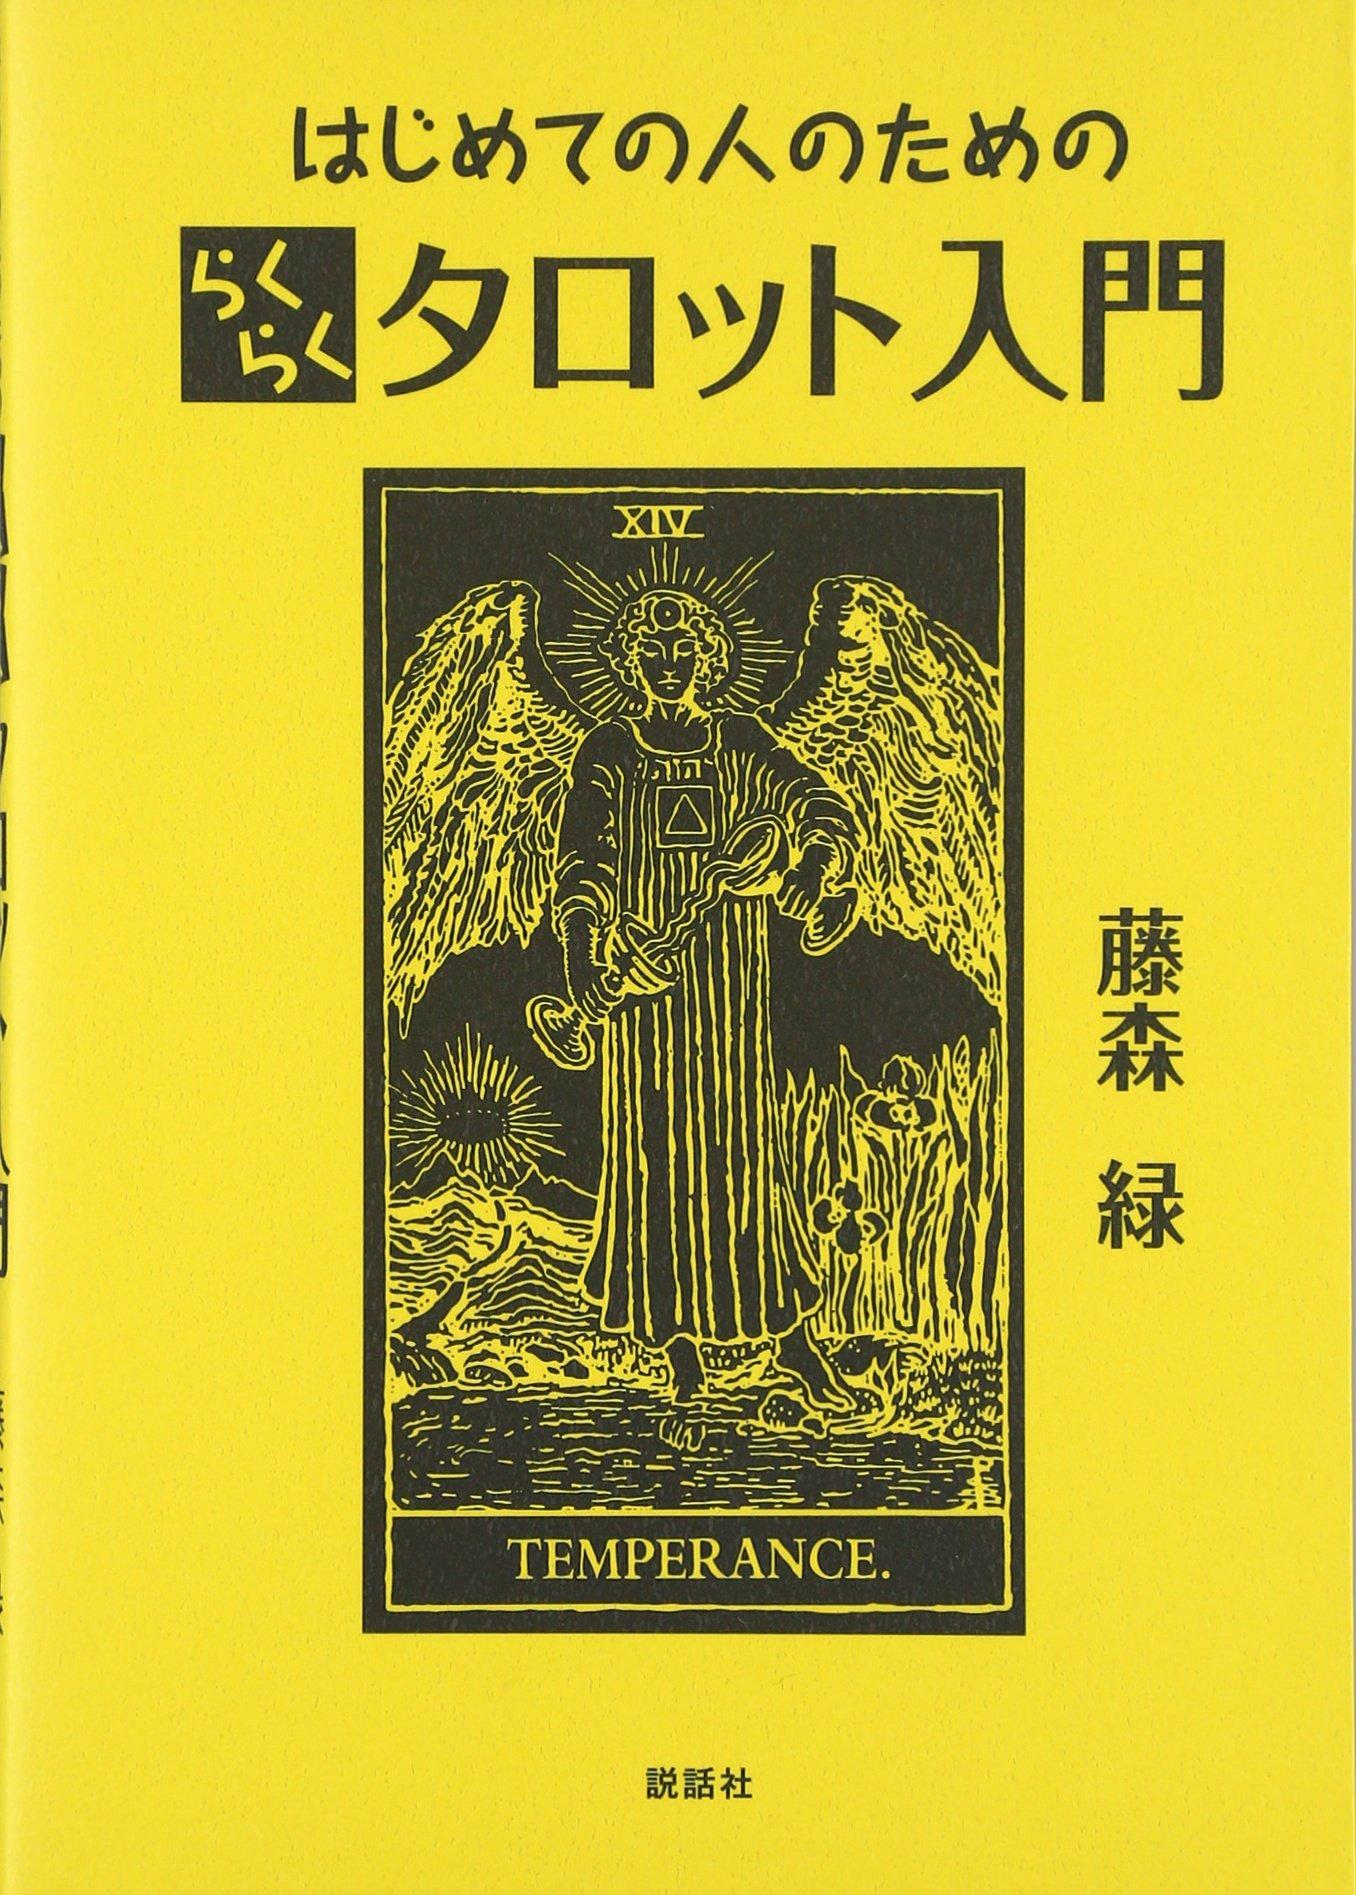 ちえの樹、個人鑑定でも大人気の藤森 緑先生の『タロット入門』書、正編・続編【著者サイン本】を2冊セットで【2名様】に!